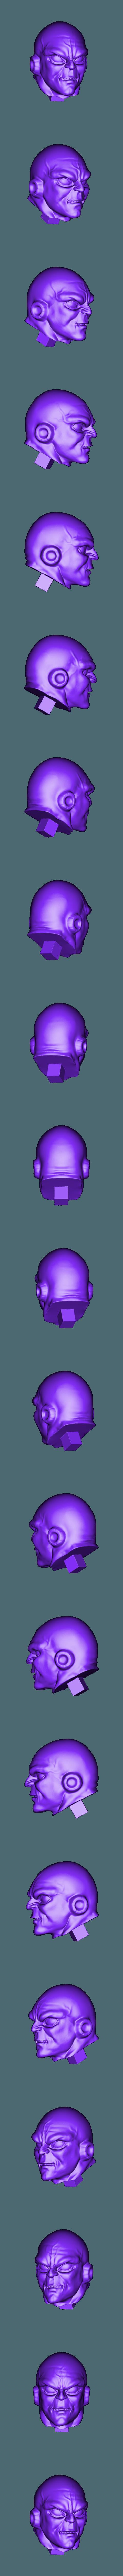 Head.stl Download OBJ file Jiren Dragonball Super Real version • 3D print object, Bstar3Dart